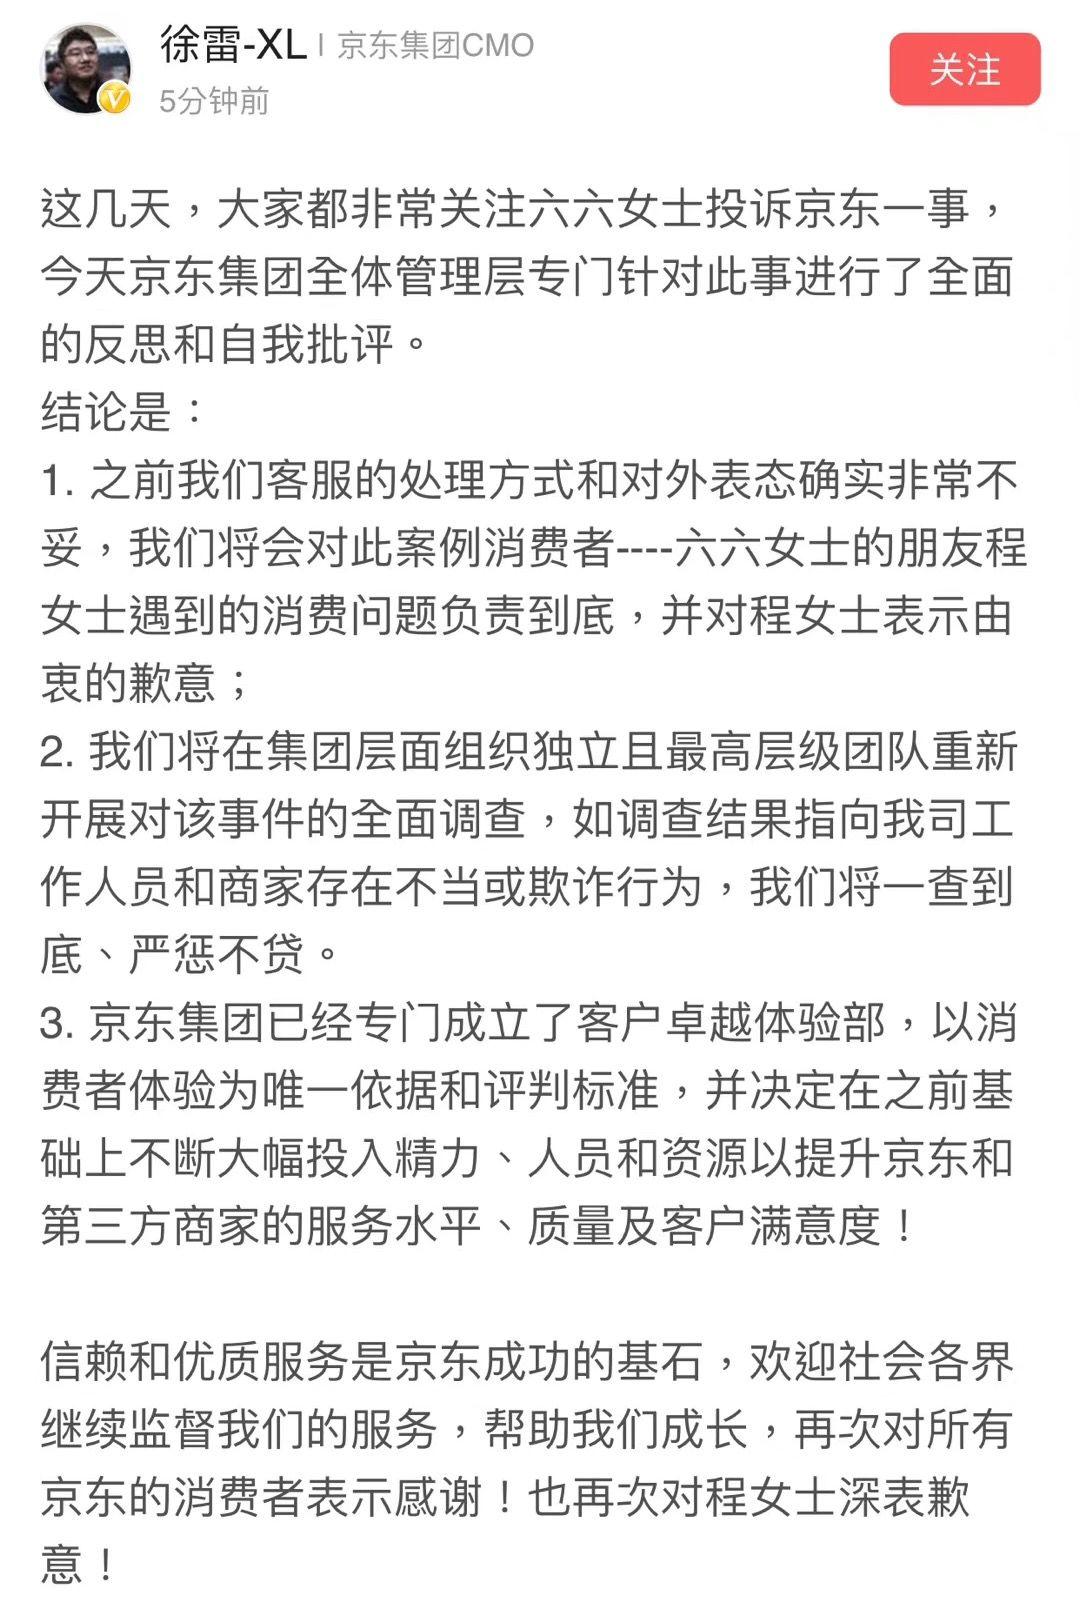 京东CMO徐雷回应六六投诉:全面反思调查,对欺诈行为严惩不贷